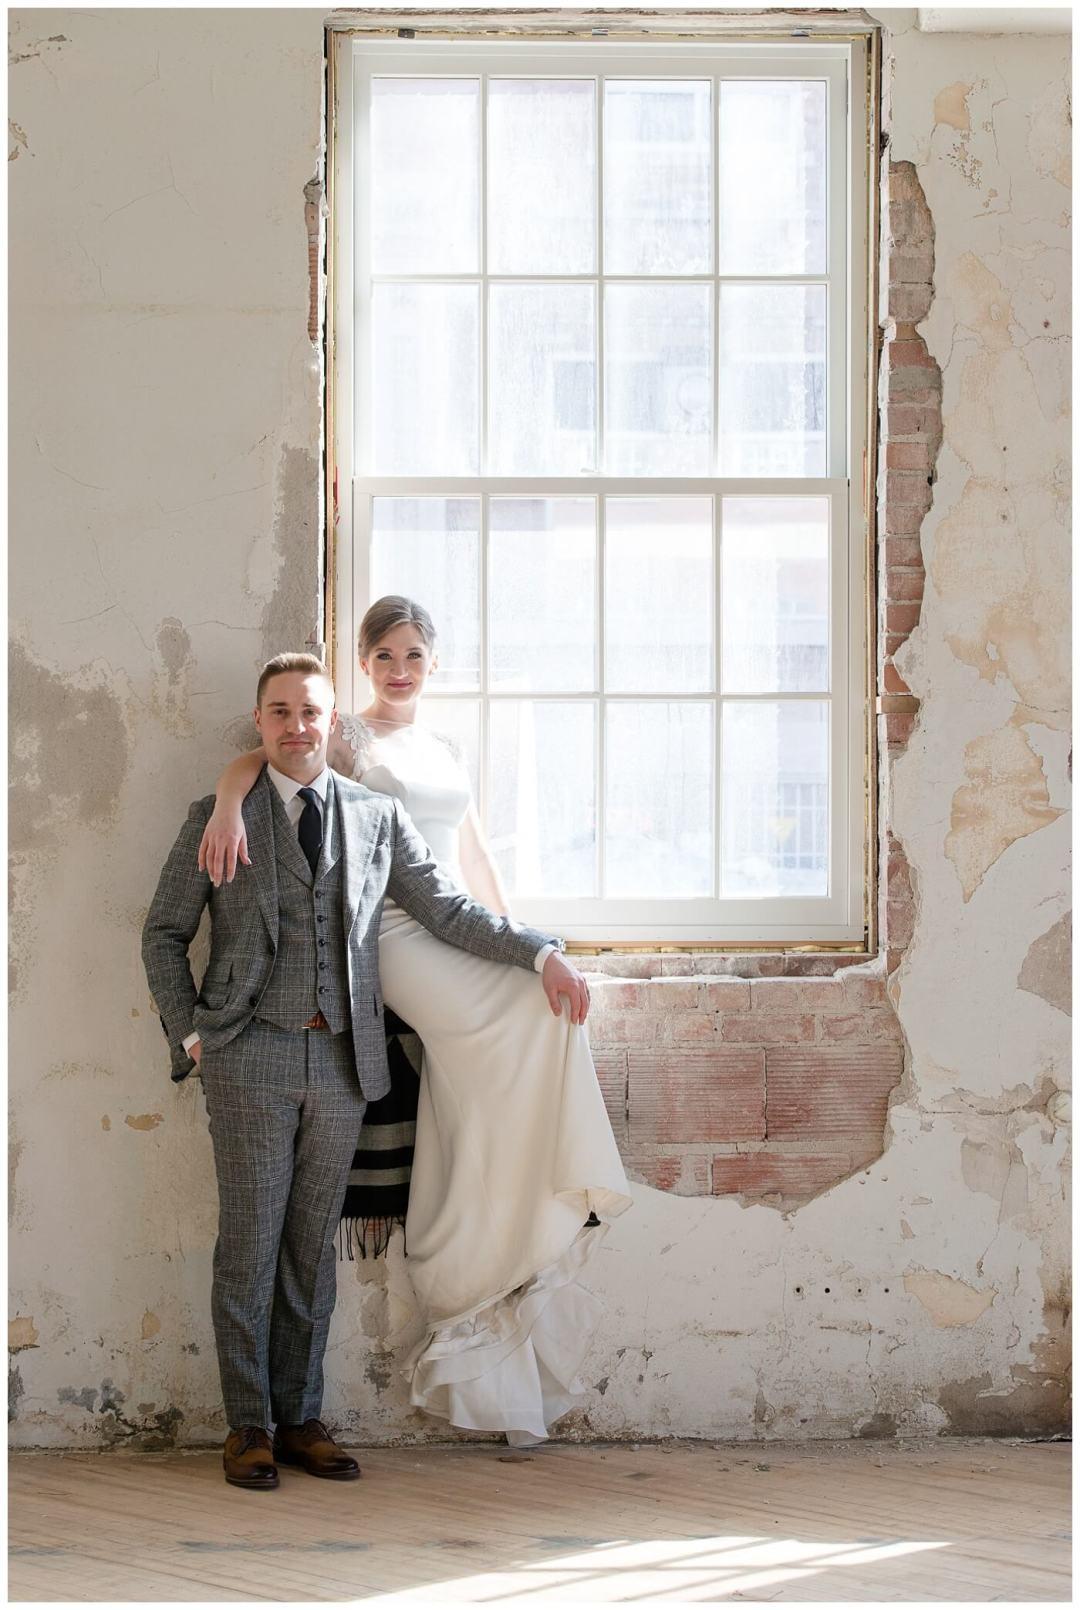 Mark & Kyra - Wedding - 11 - Mark & Kyra - Classic Pose